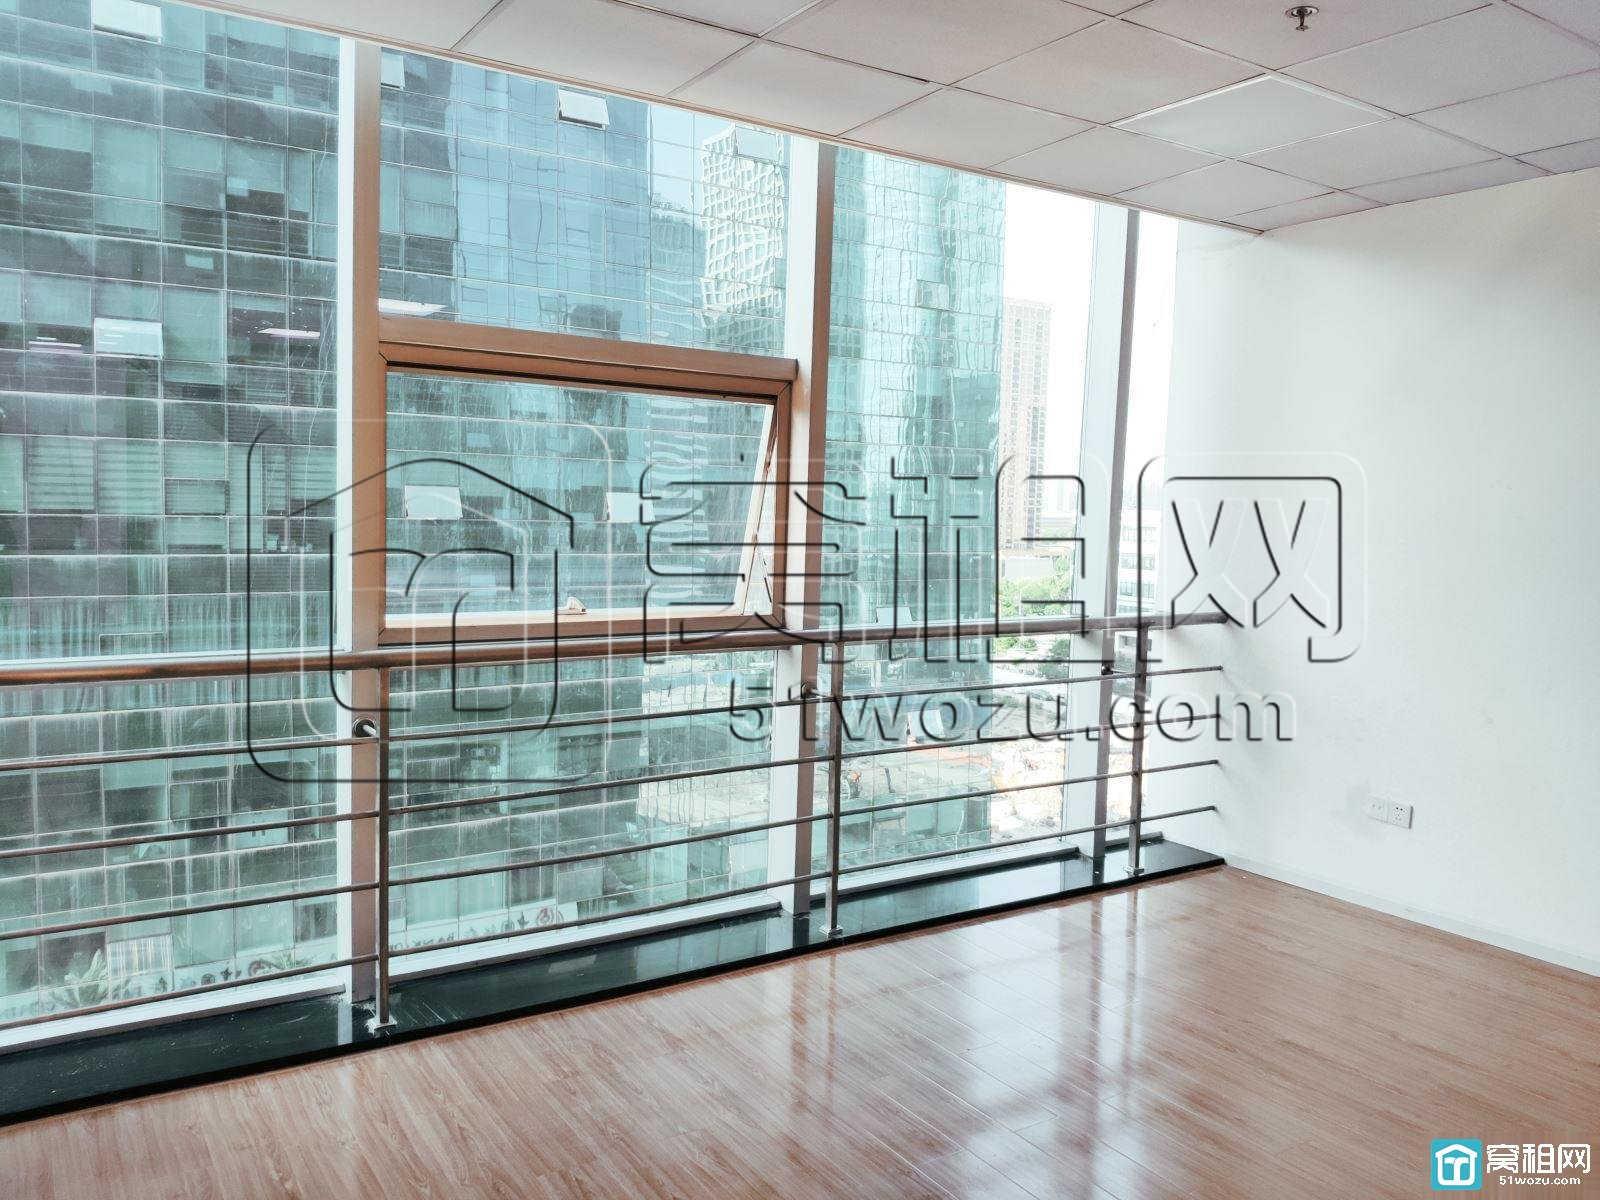 宁波广博丽景两隔间落地窗带水源办公室出租